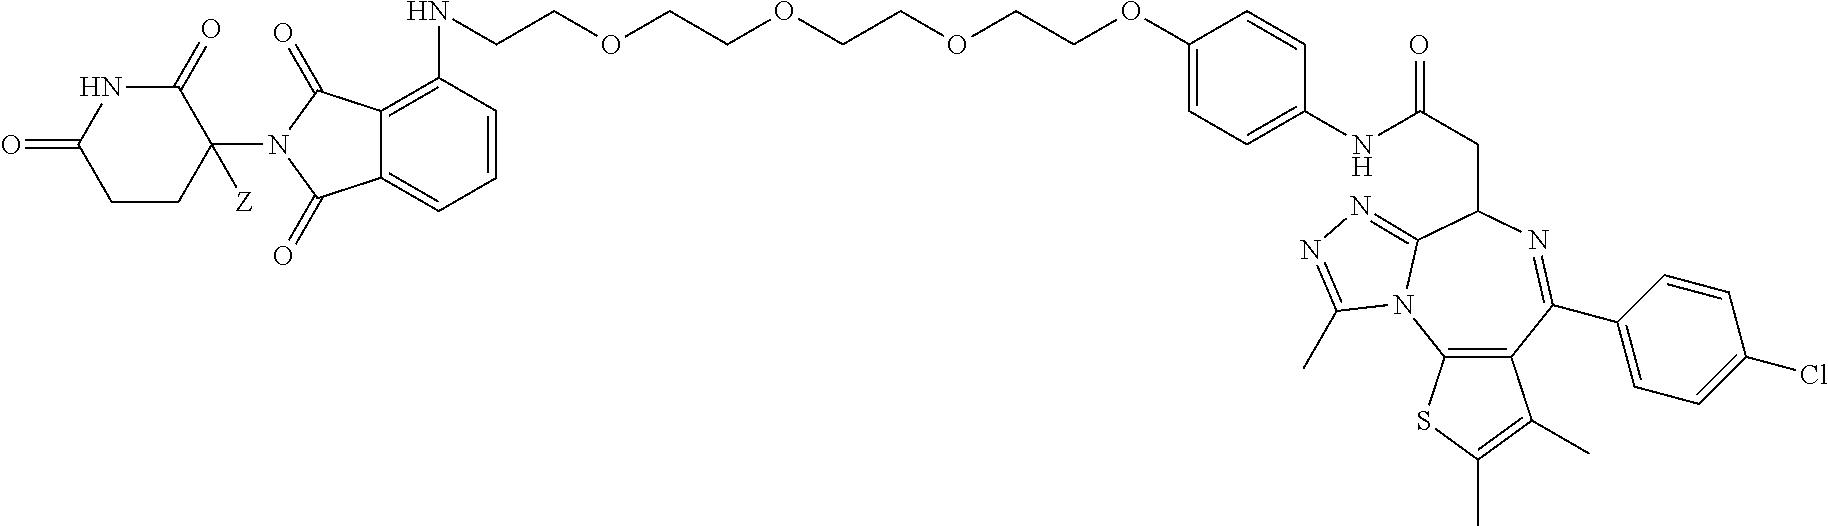 Figure US09809603-20171107-C00025